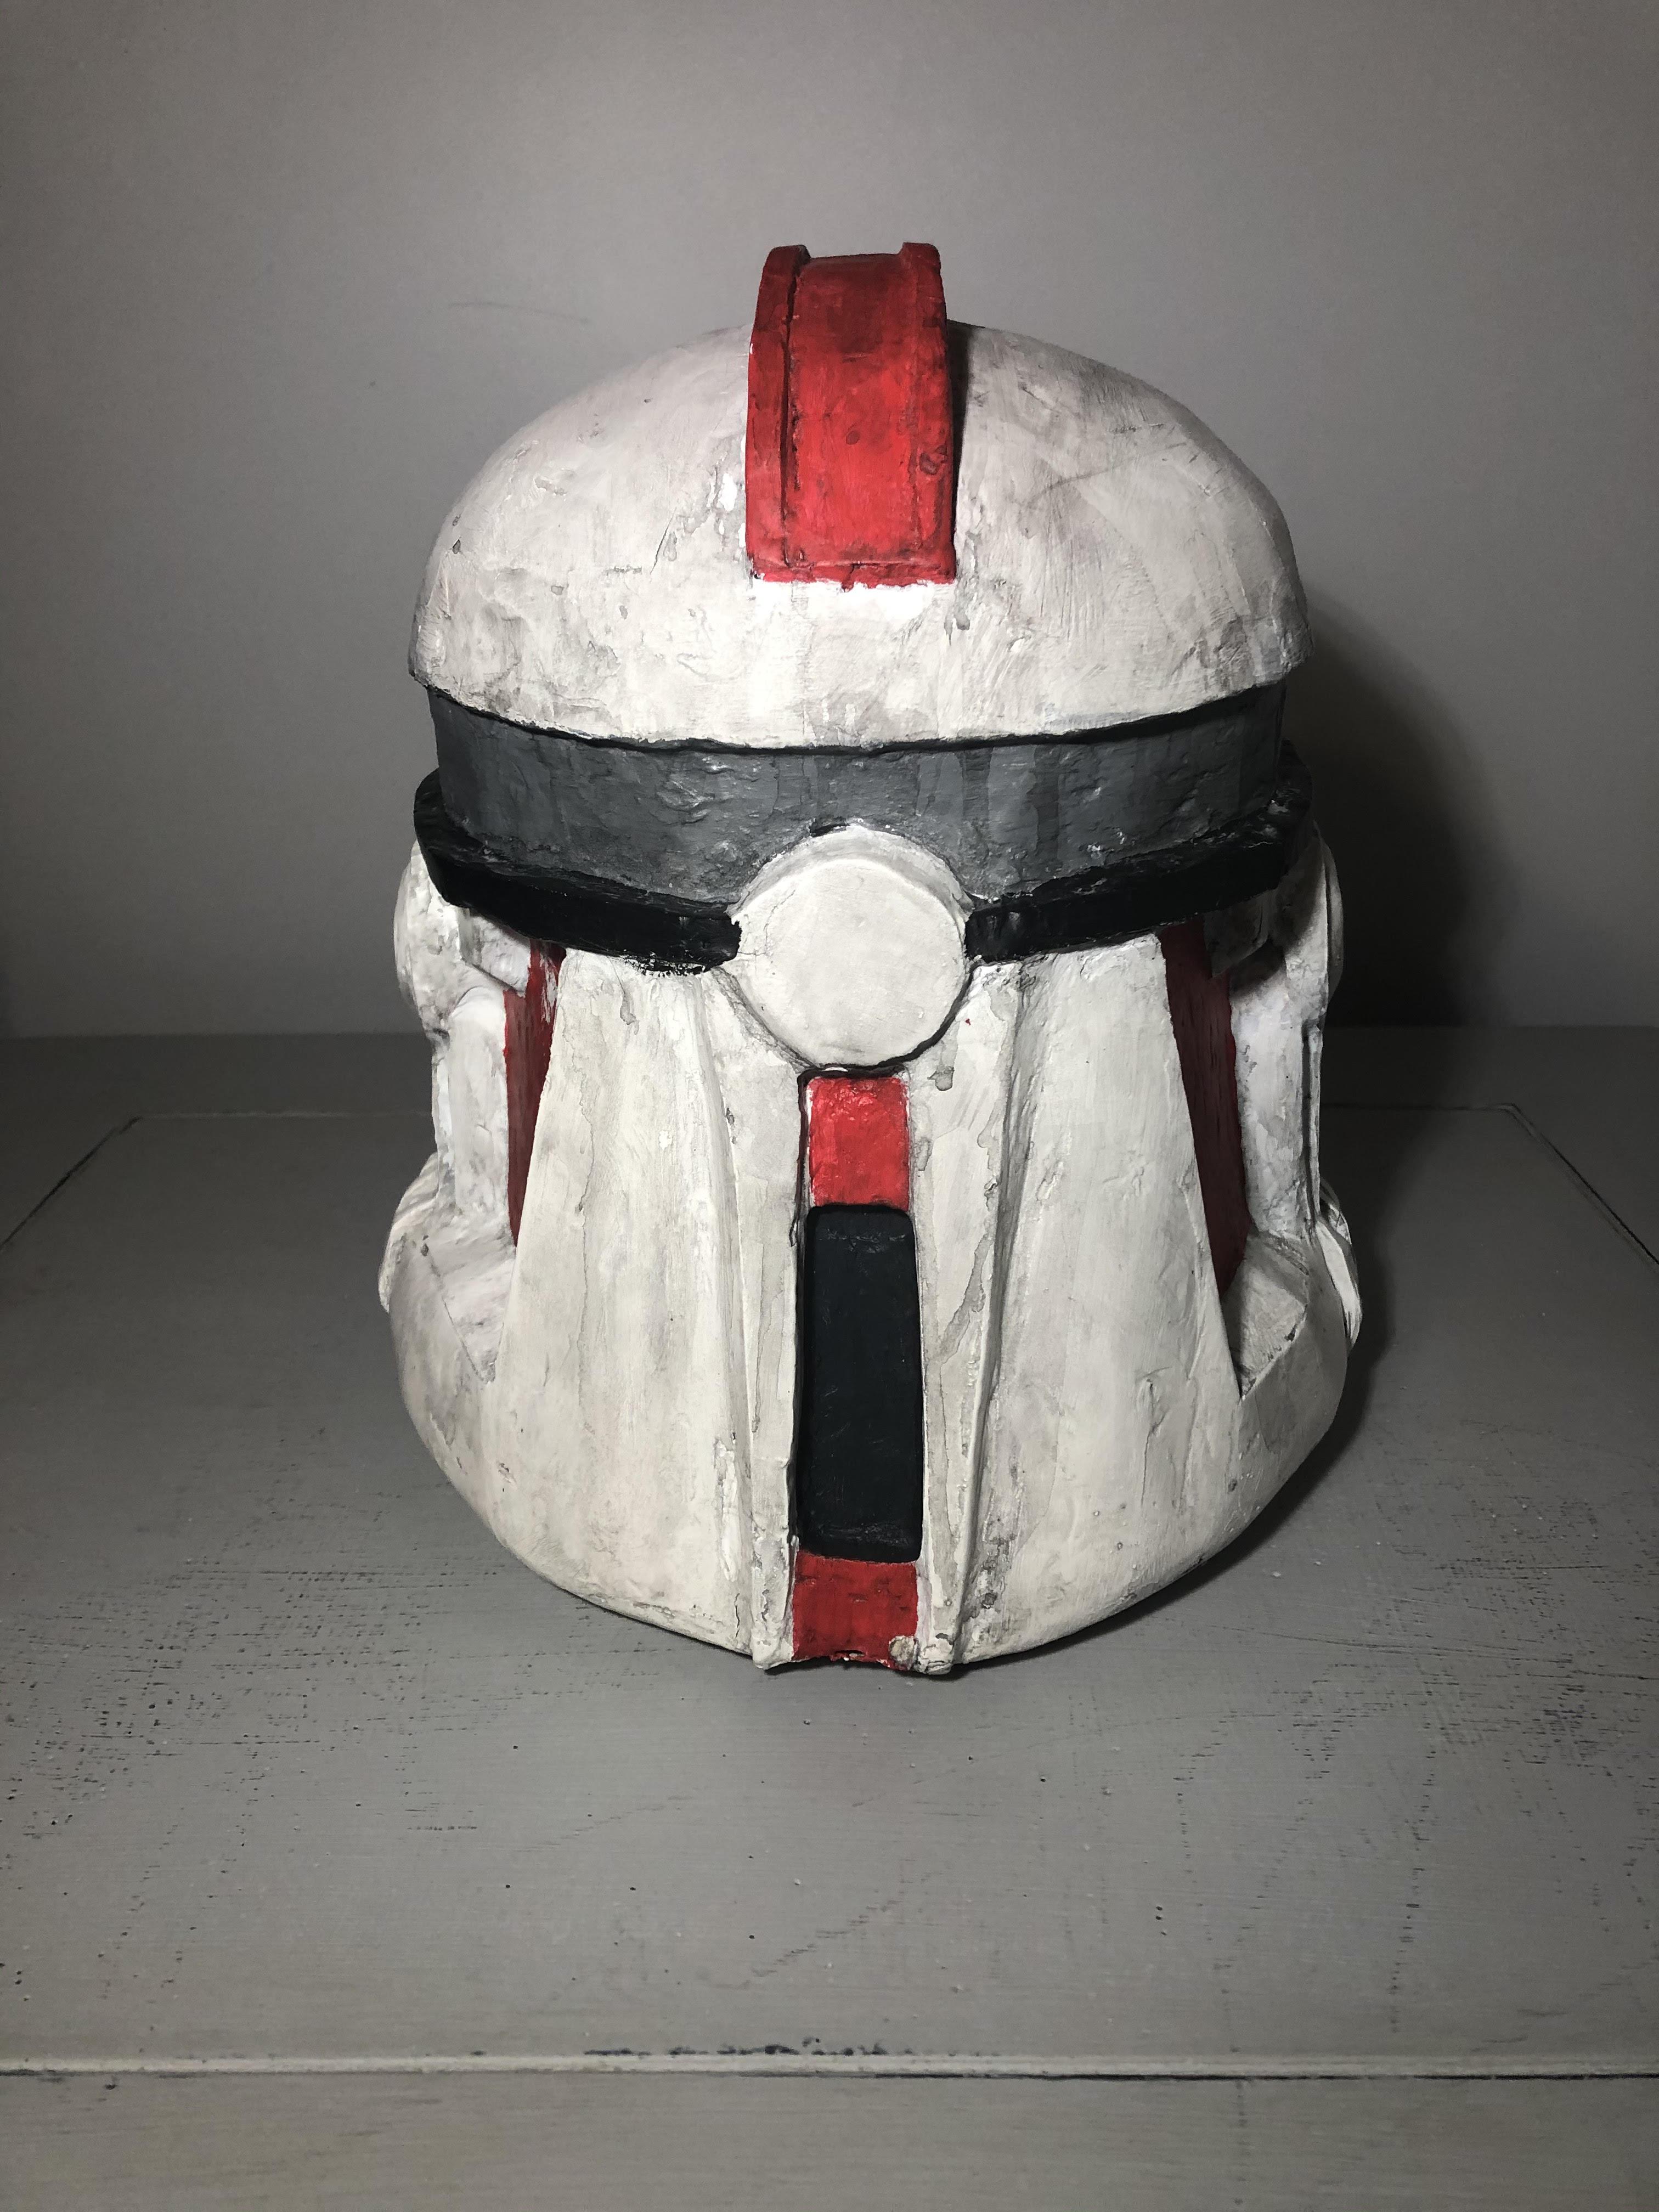 Phase II Helmet (Coruscant Guard) Photo #2.jpg